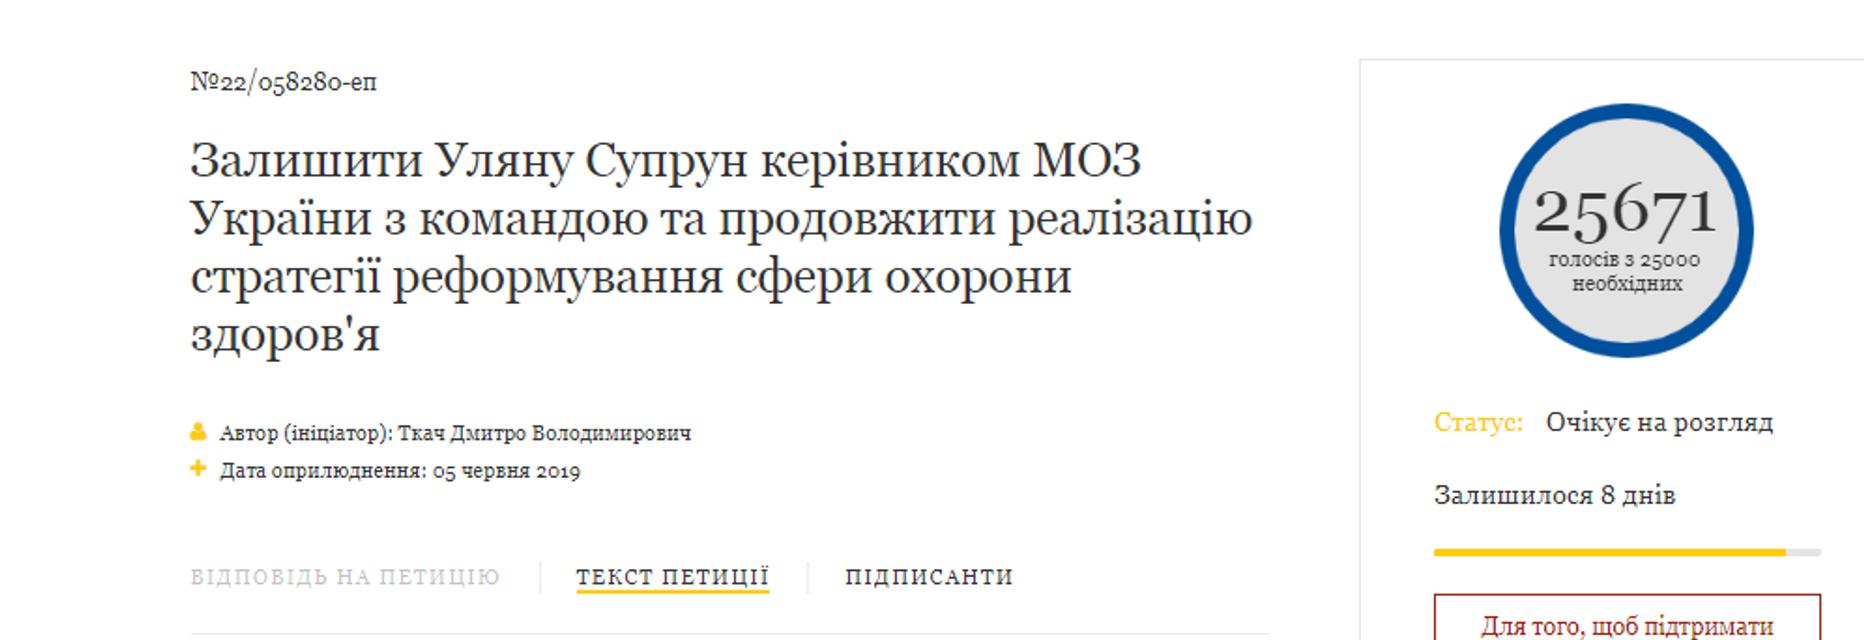 Оставить Супрун?: украинцы вынесли вердикт - фото 186739